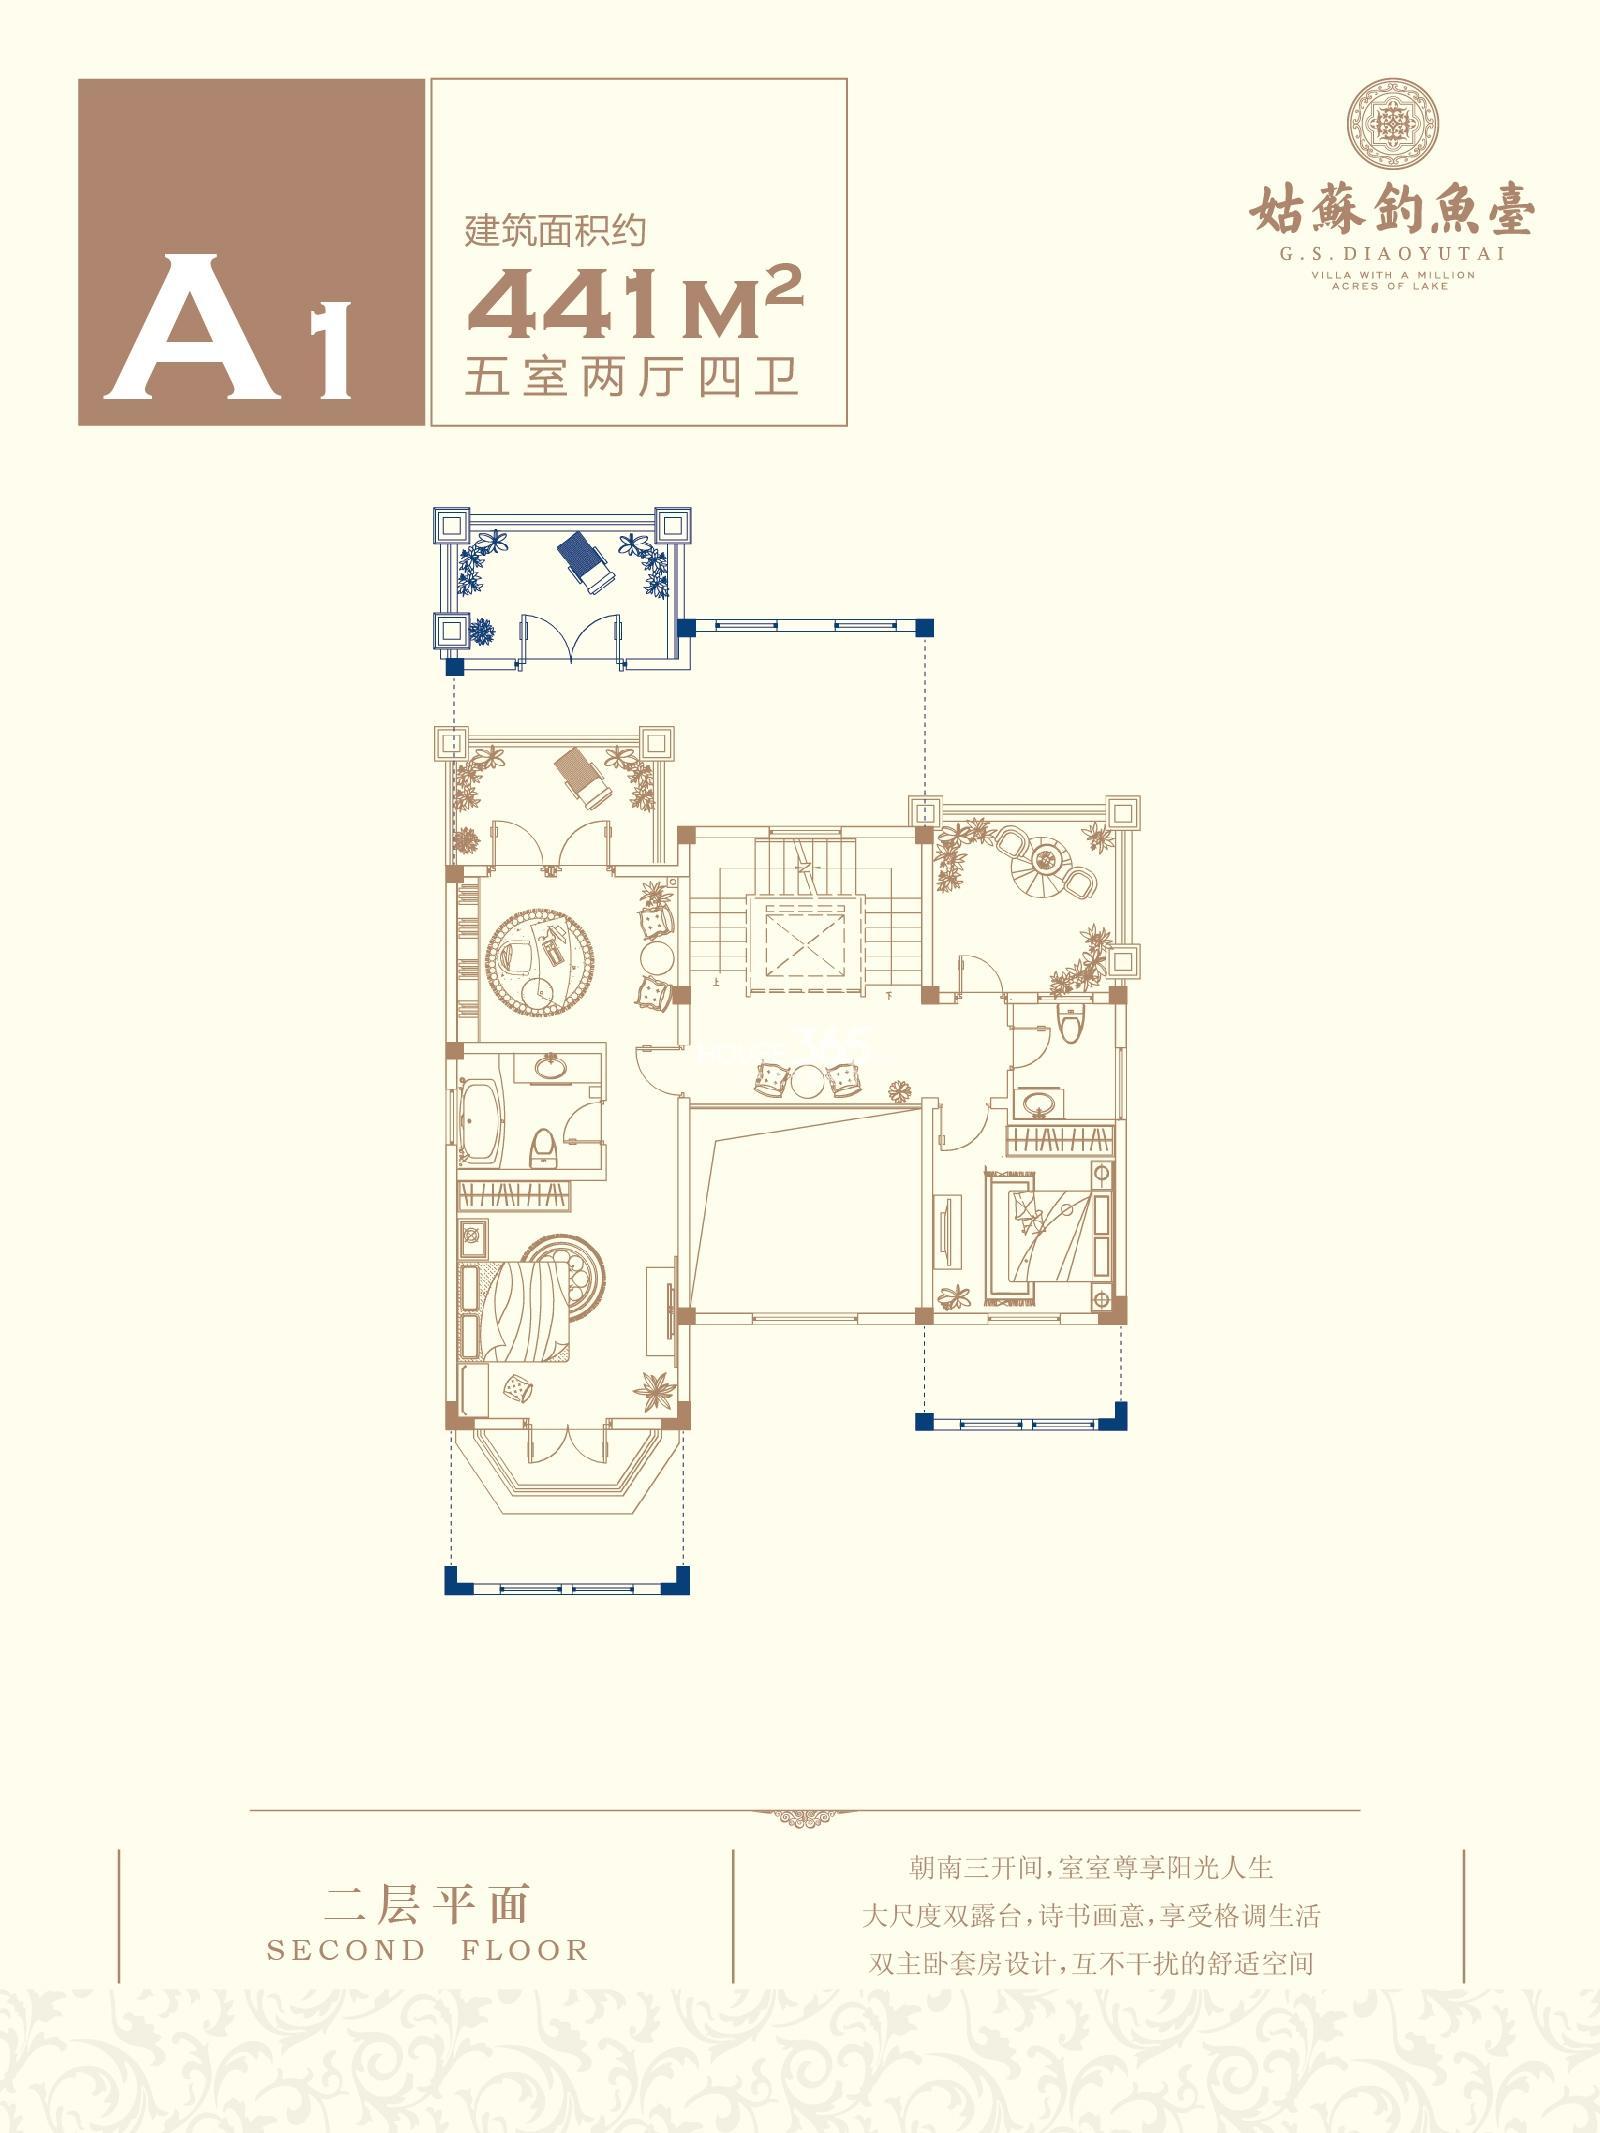 A1户型五室两厅四卫441平米 二层平面图